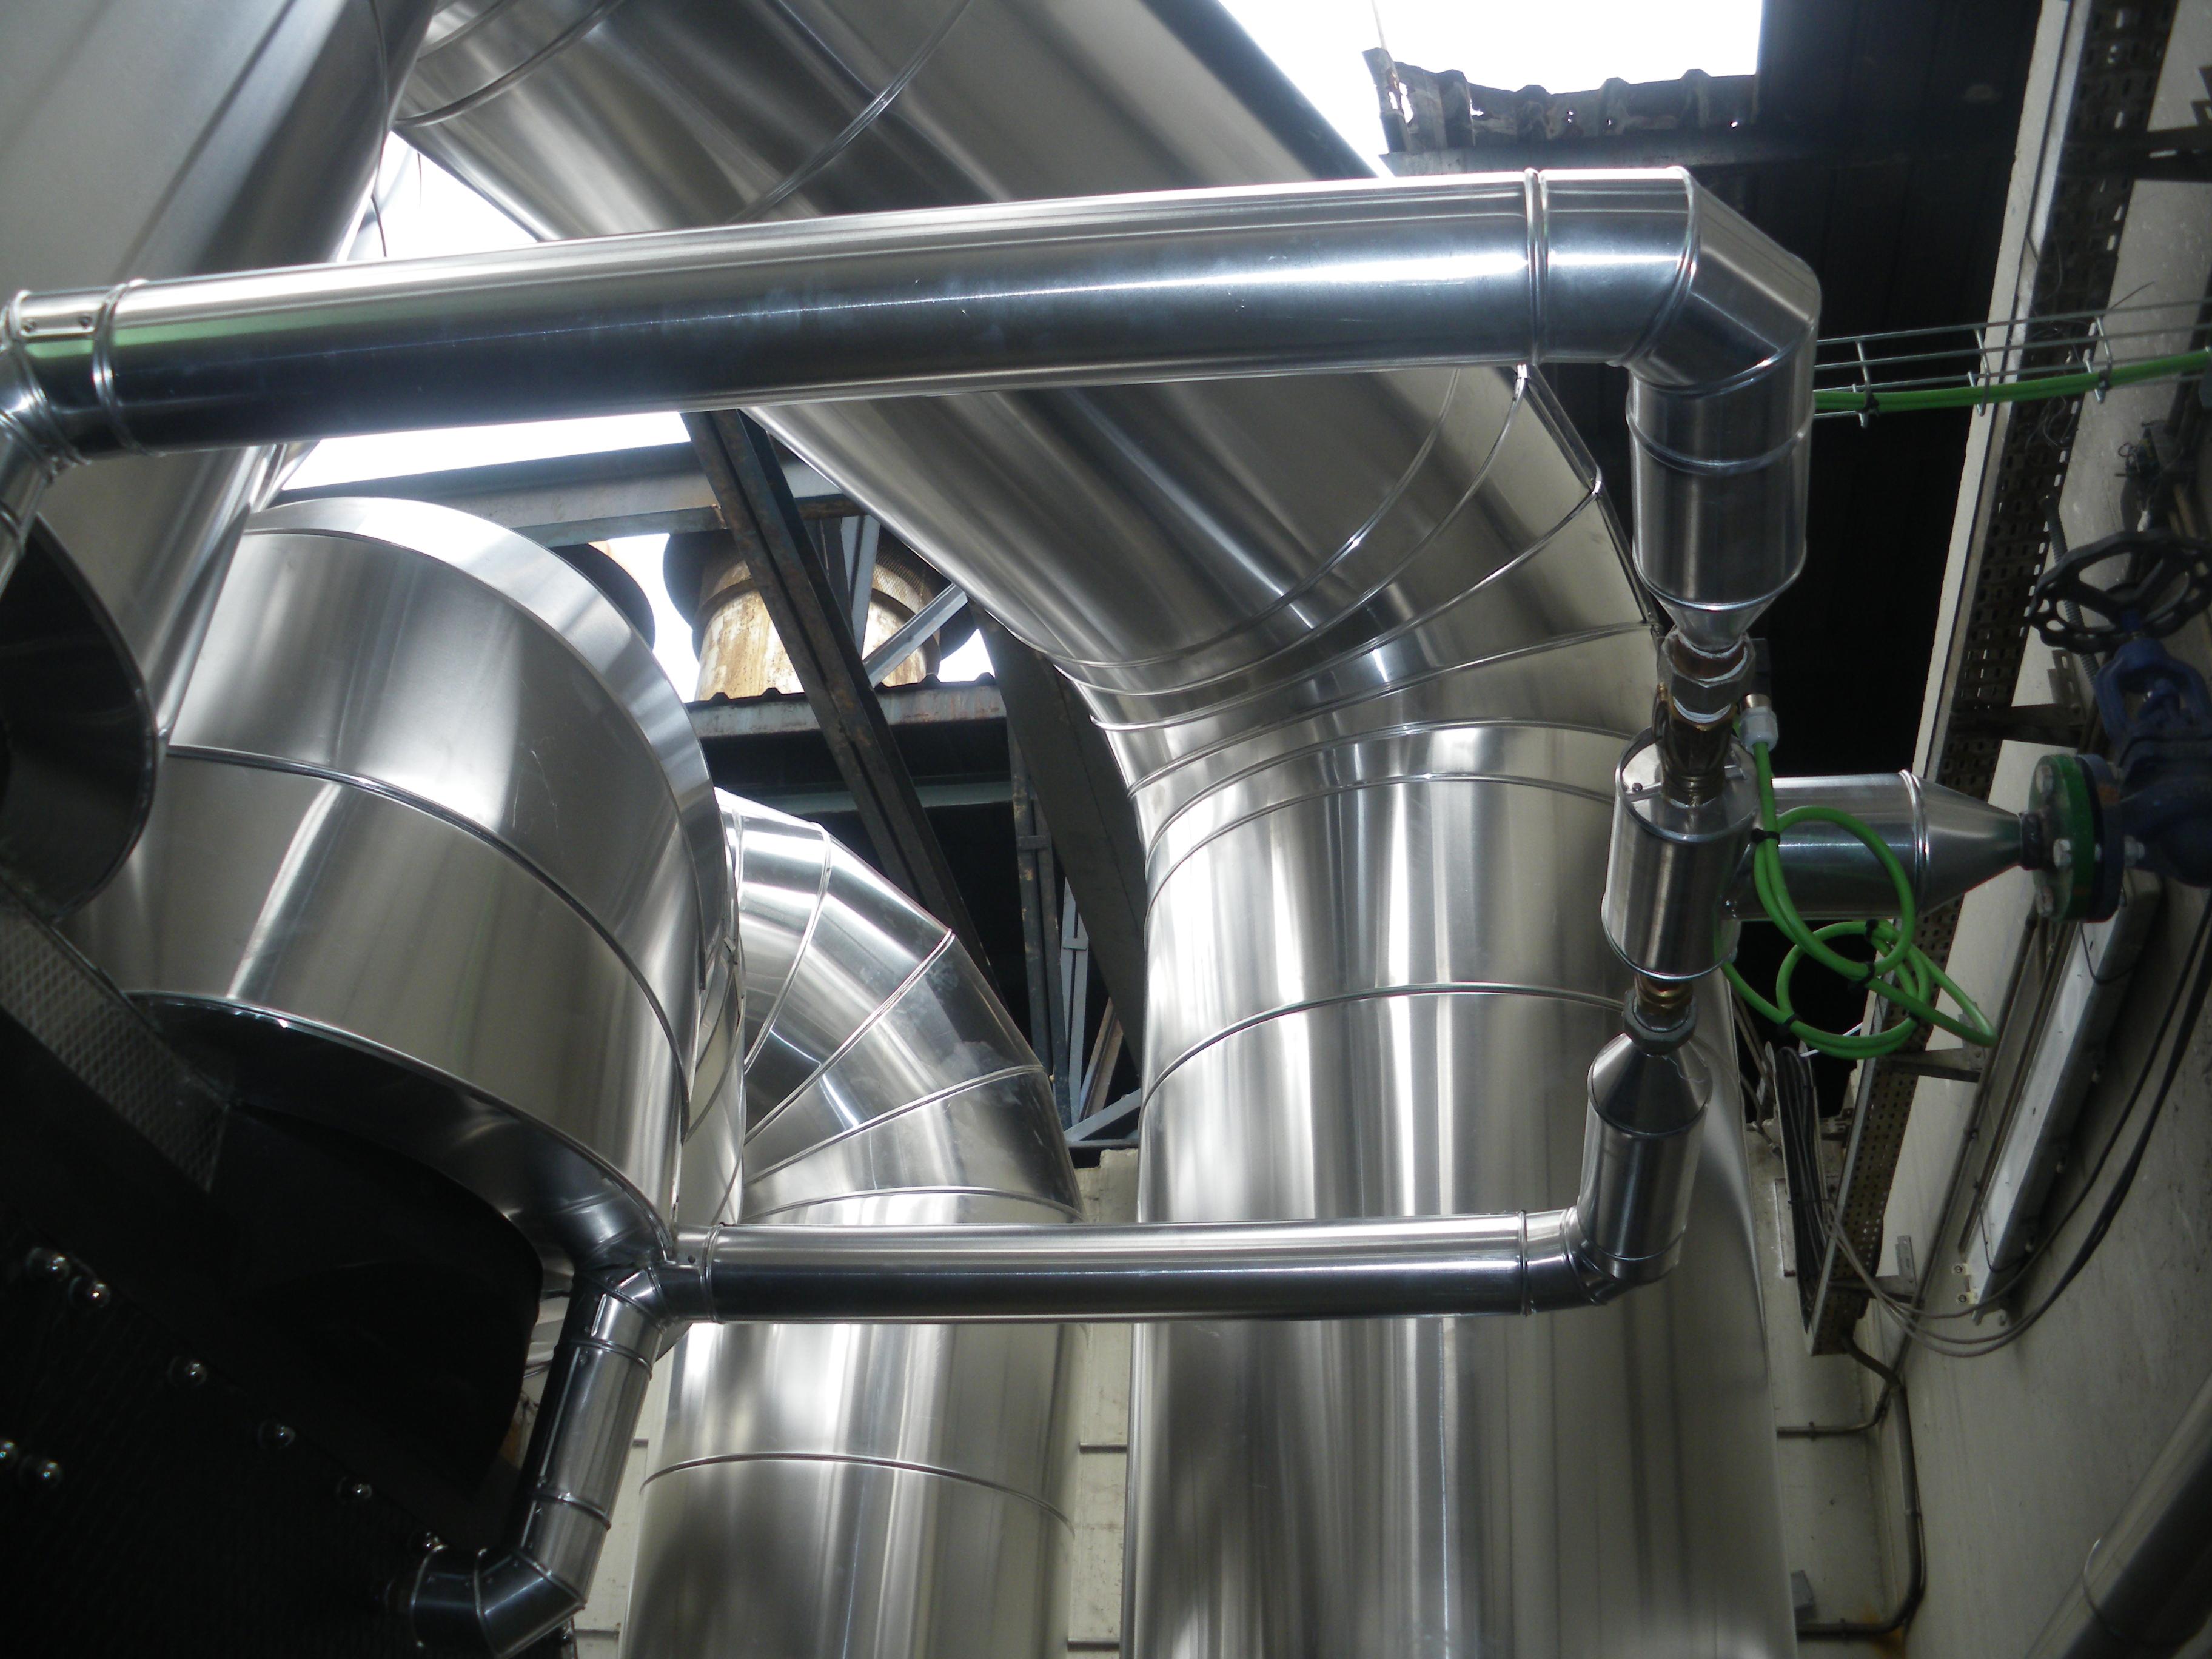 Instalaciones, Conducciones y Estructuras calderas de vapor calderas de vapor Calderería López Hermanos, S.A. Valencia